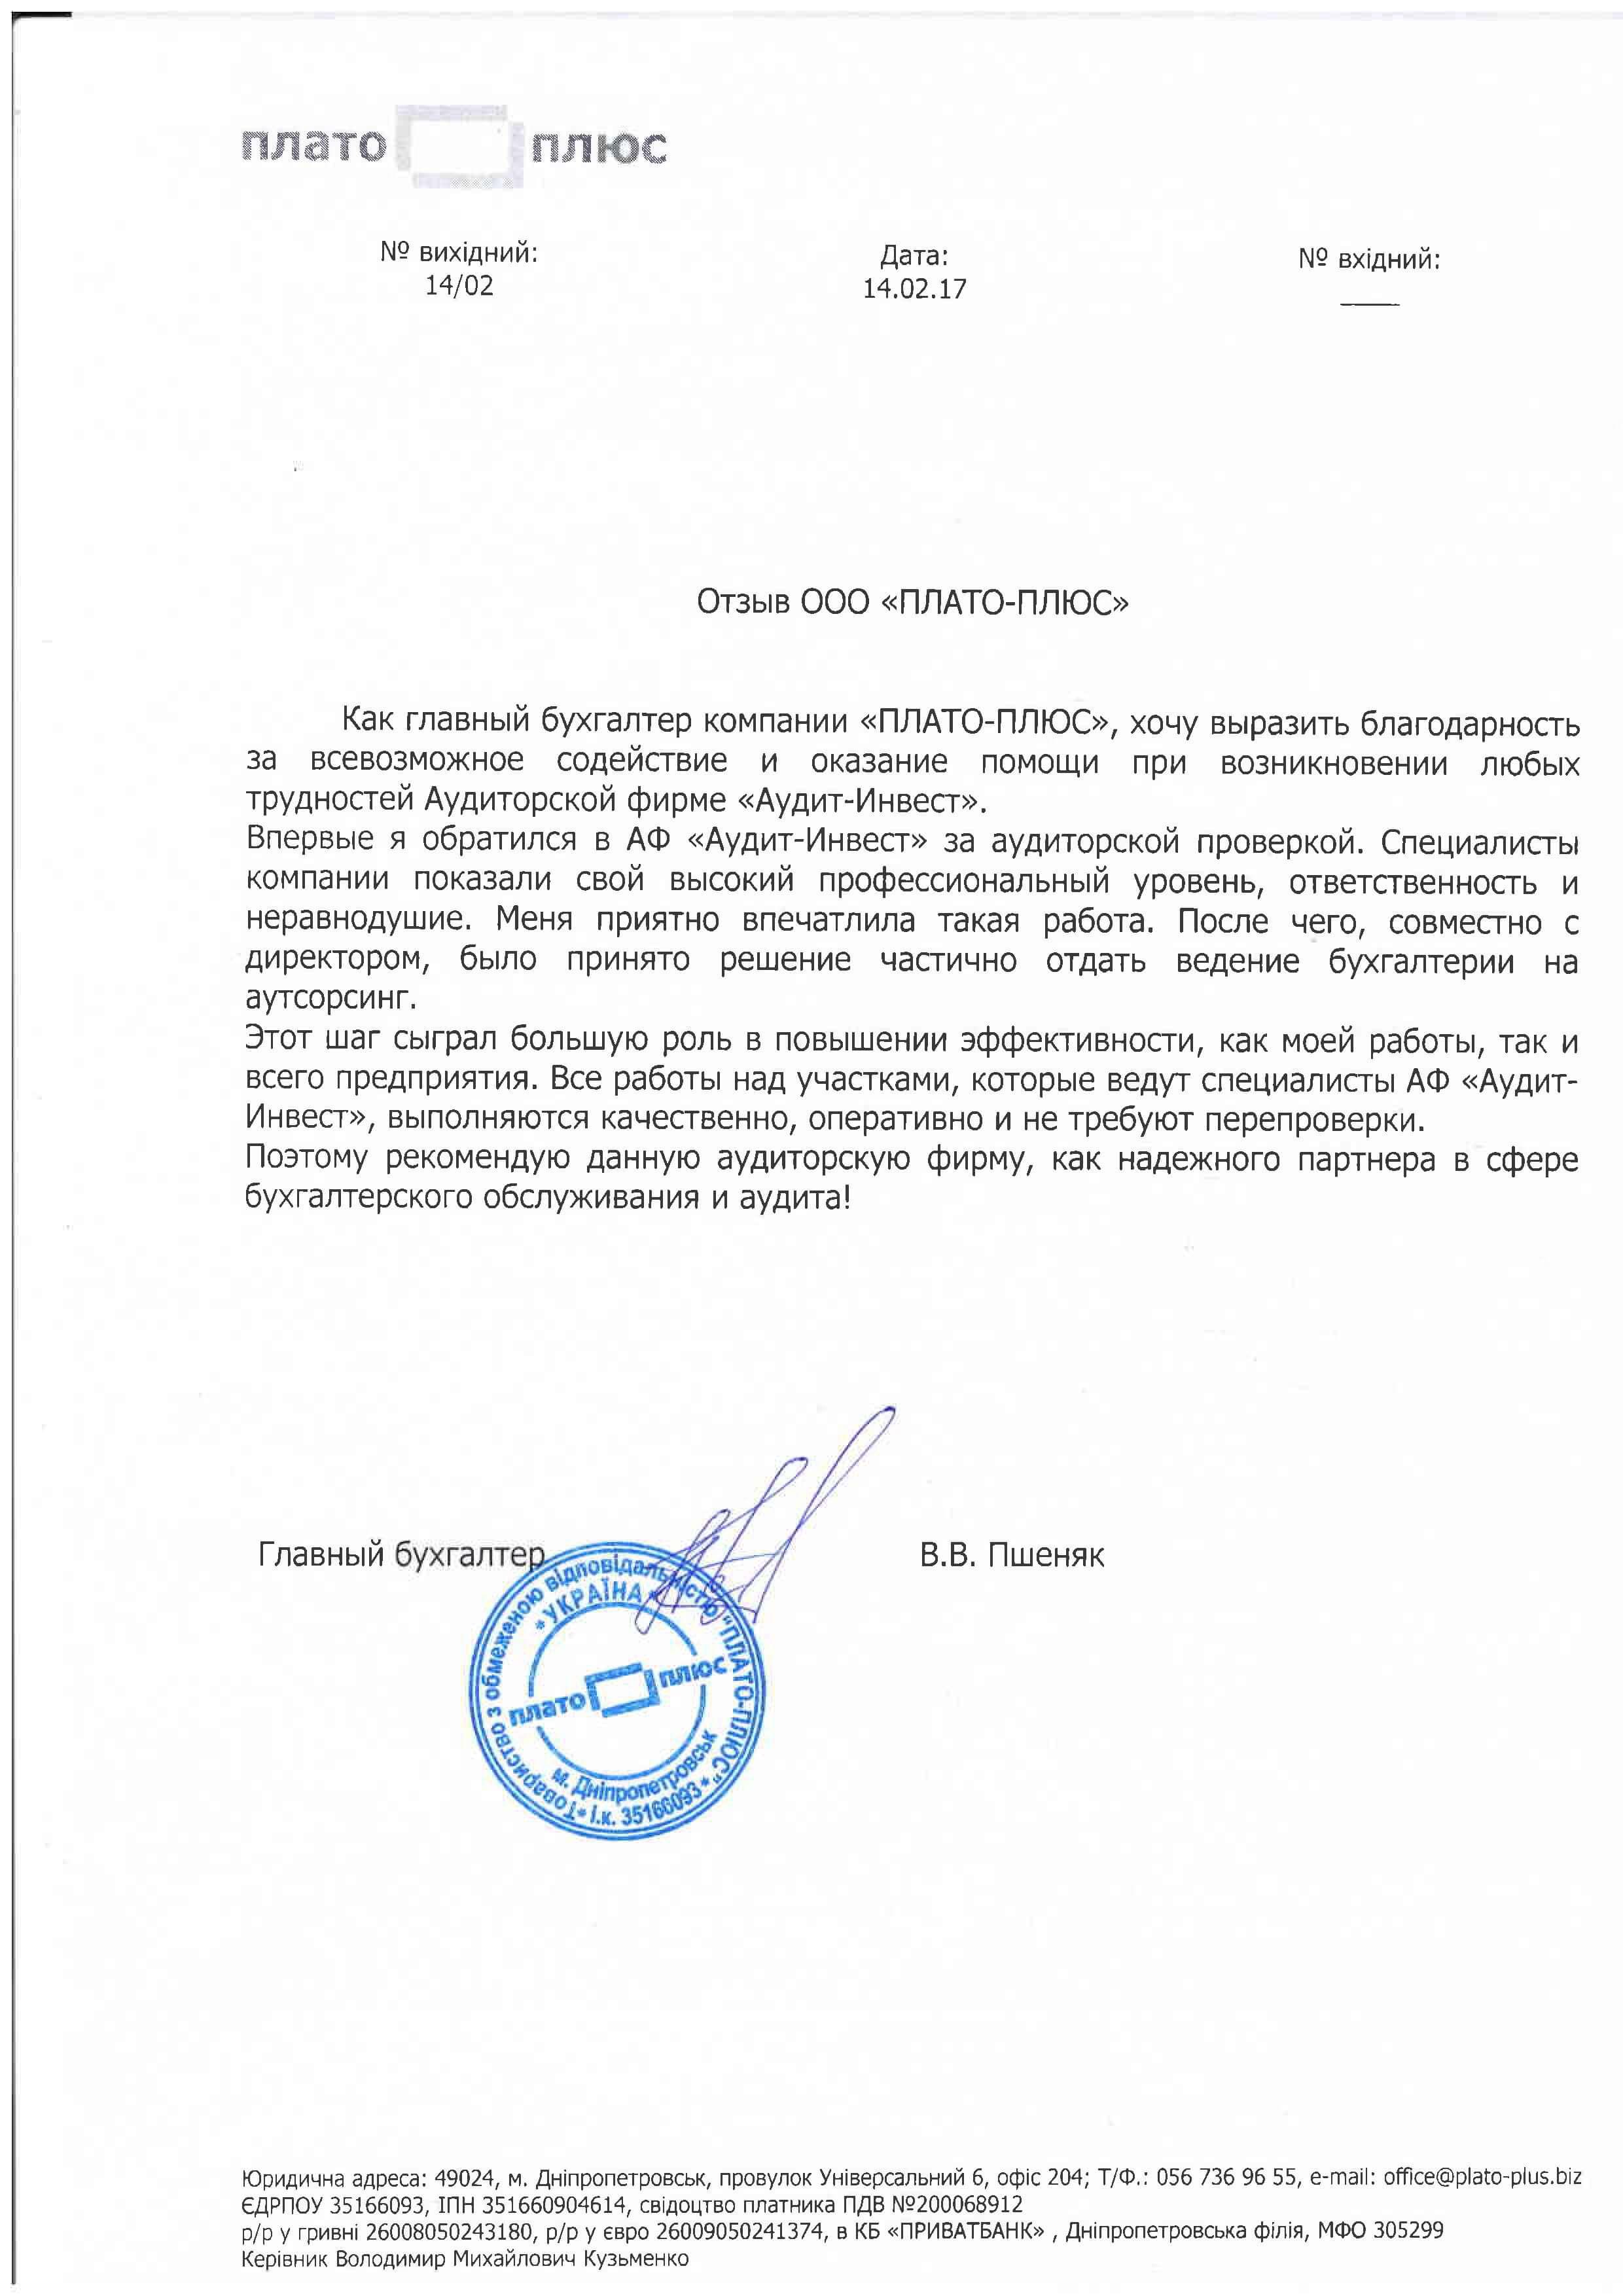 Отзыв компании ПЛАТО-ПЛЮС